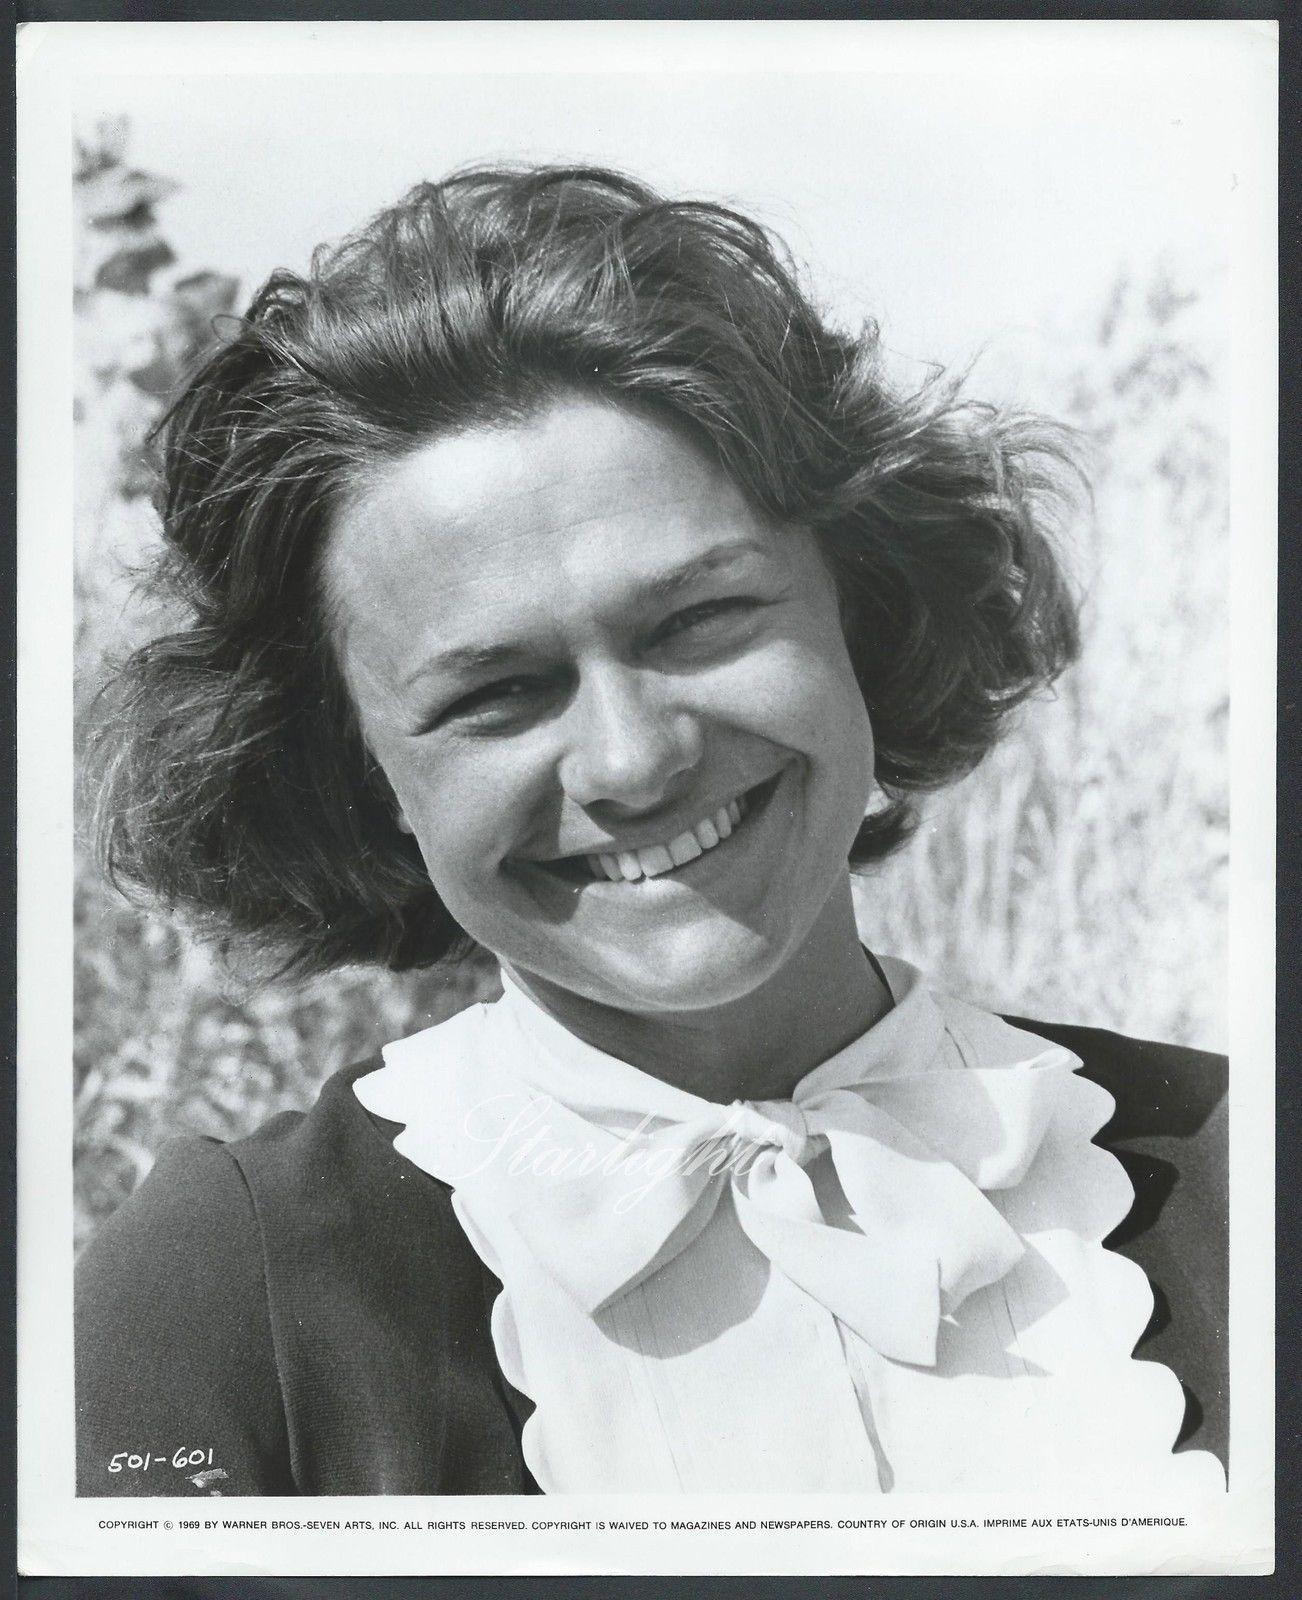 Estelle Parsons Free